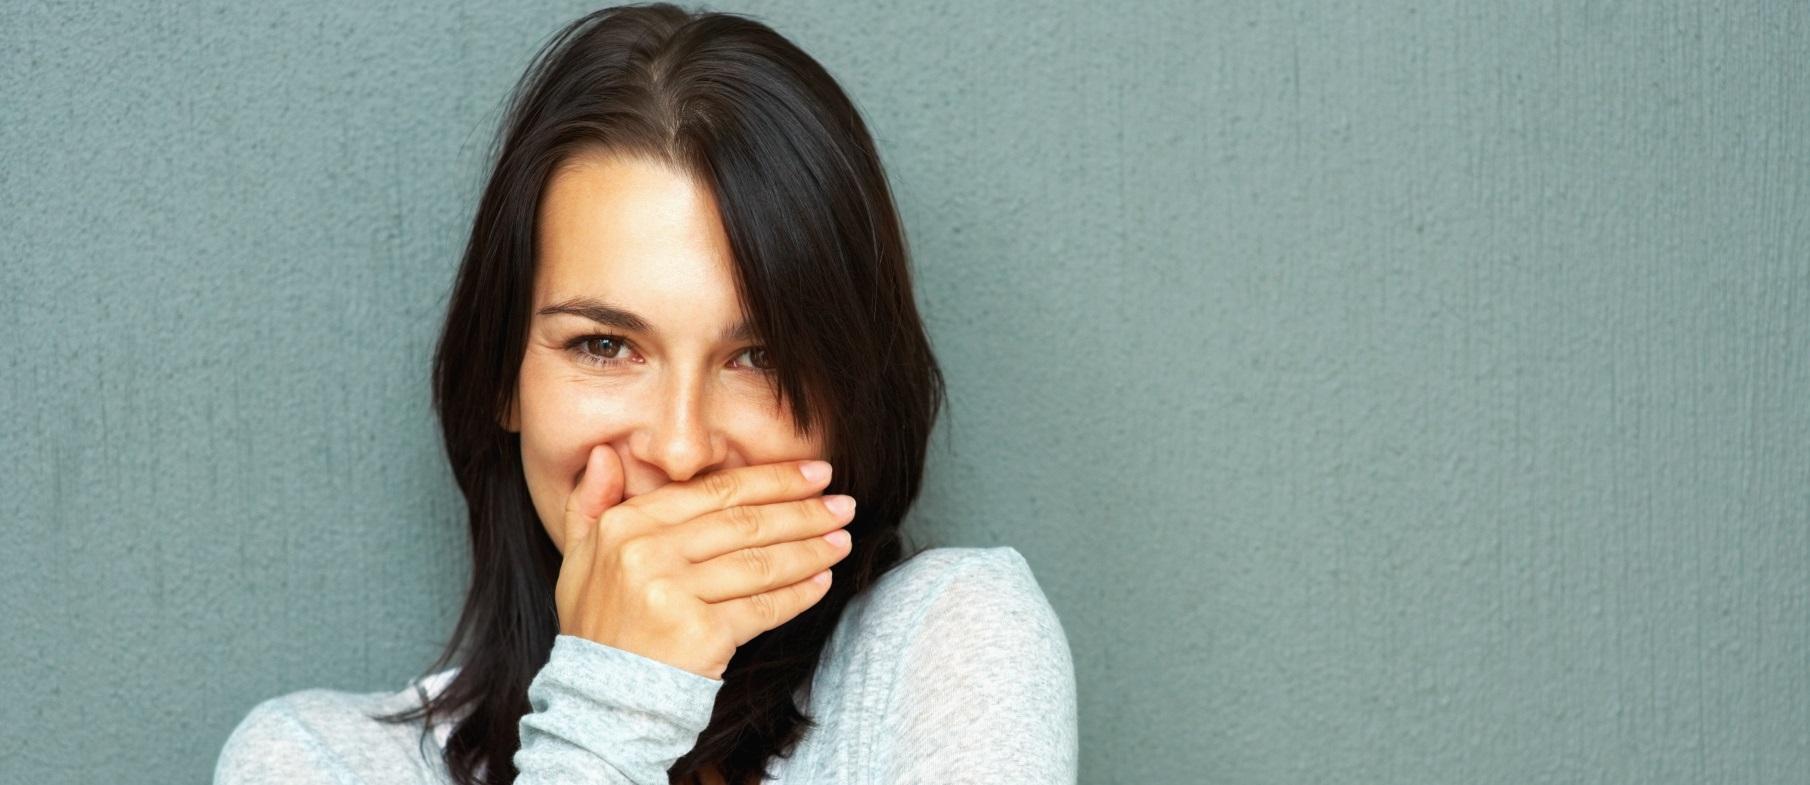 Как удалить сигаретный запах изо рта